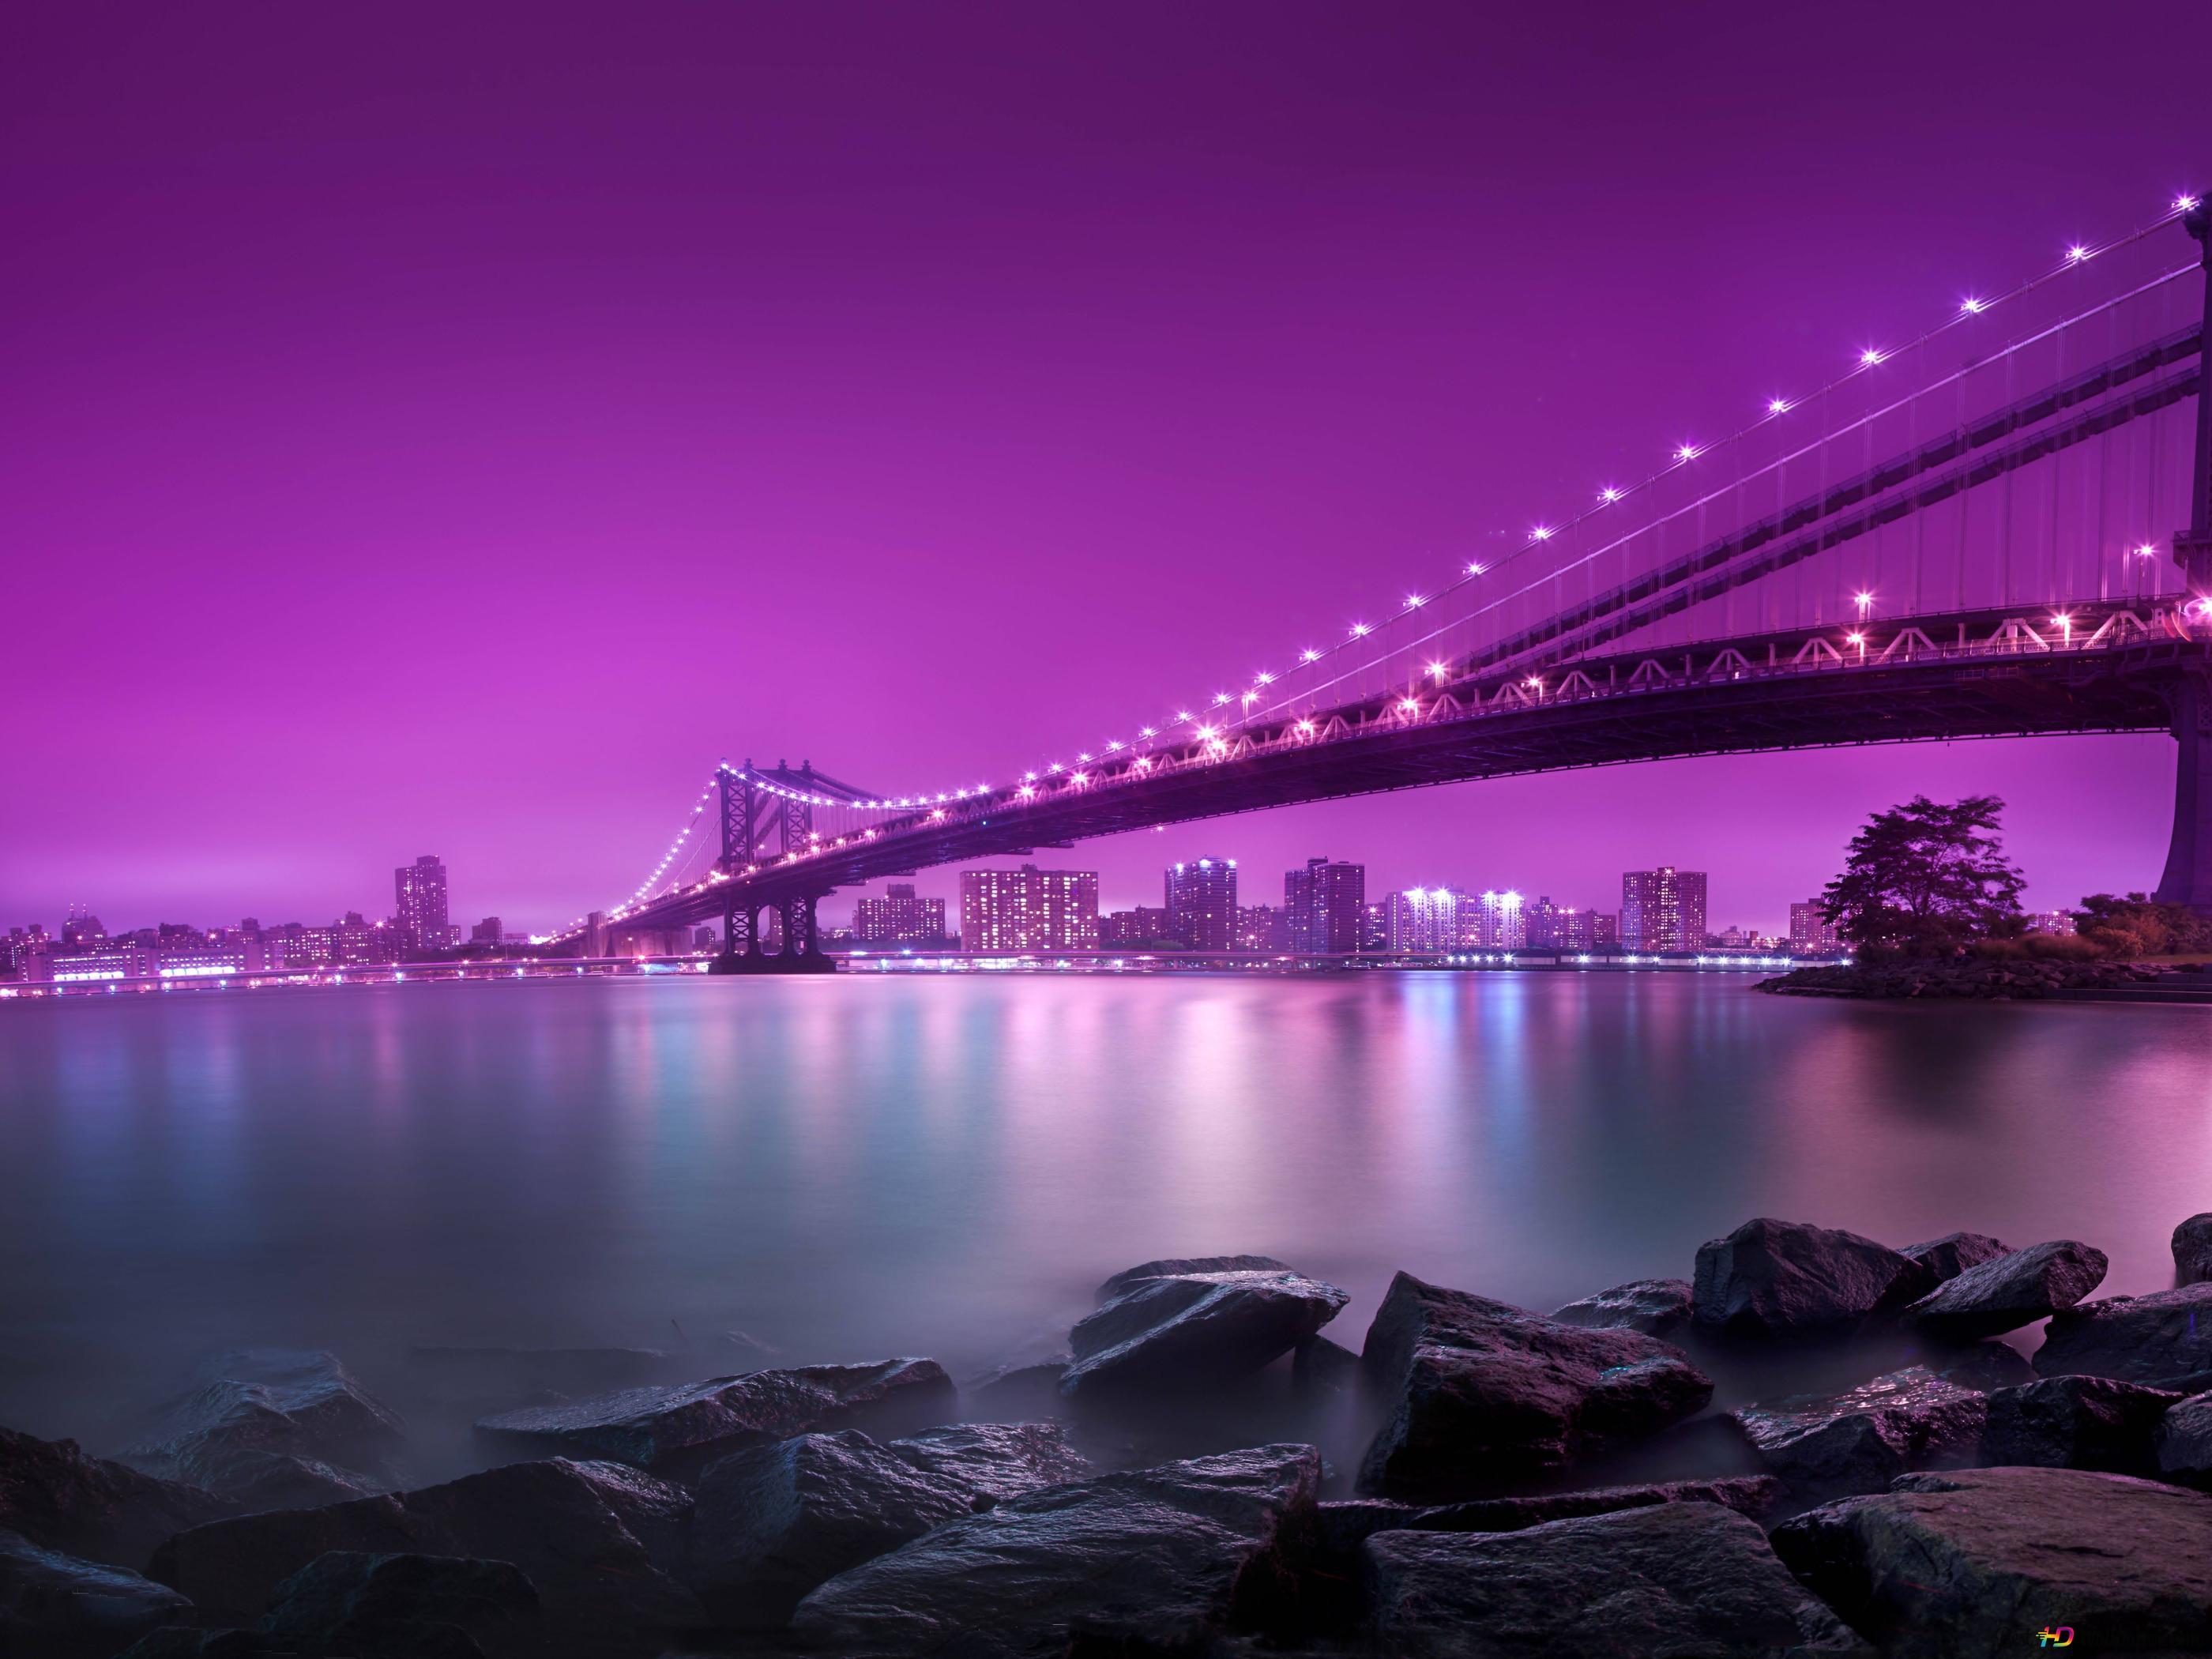 Manhattan-Brücke HD Hintergrundbilder Herunterladen